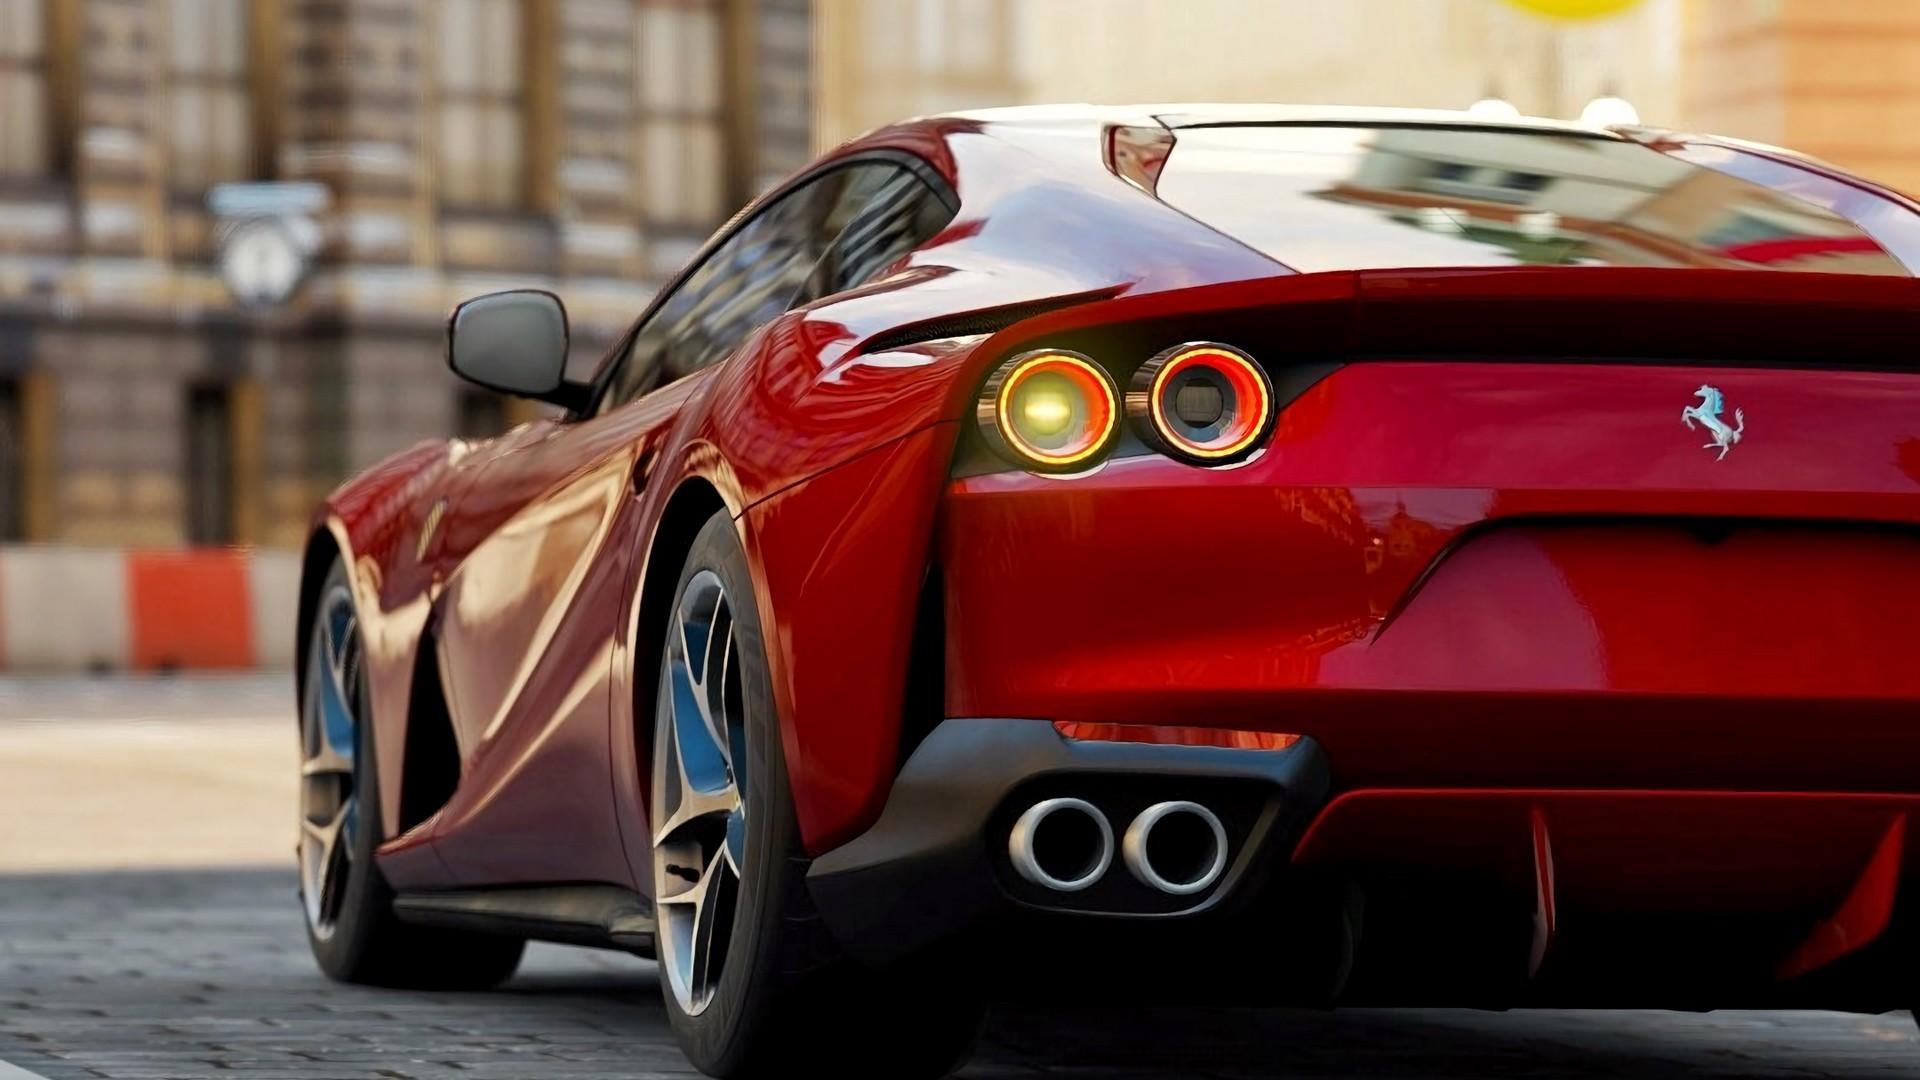 Ferrari 812 Superfast 128626 Accordingly Full Hd Ferrari 812 Superfast Wallpaper Hd 1920x1080 Wallpaper Teahub Io